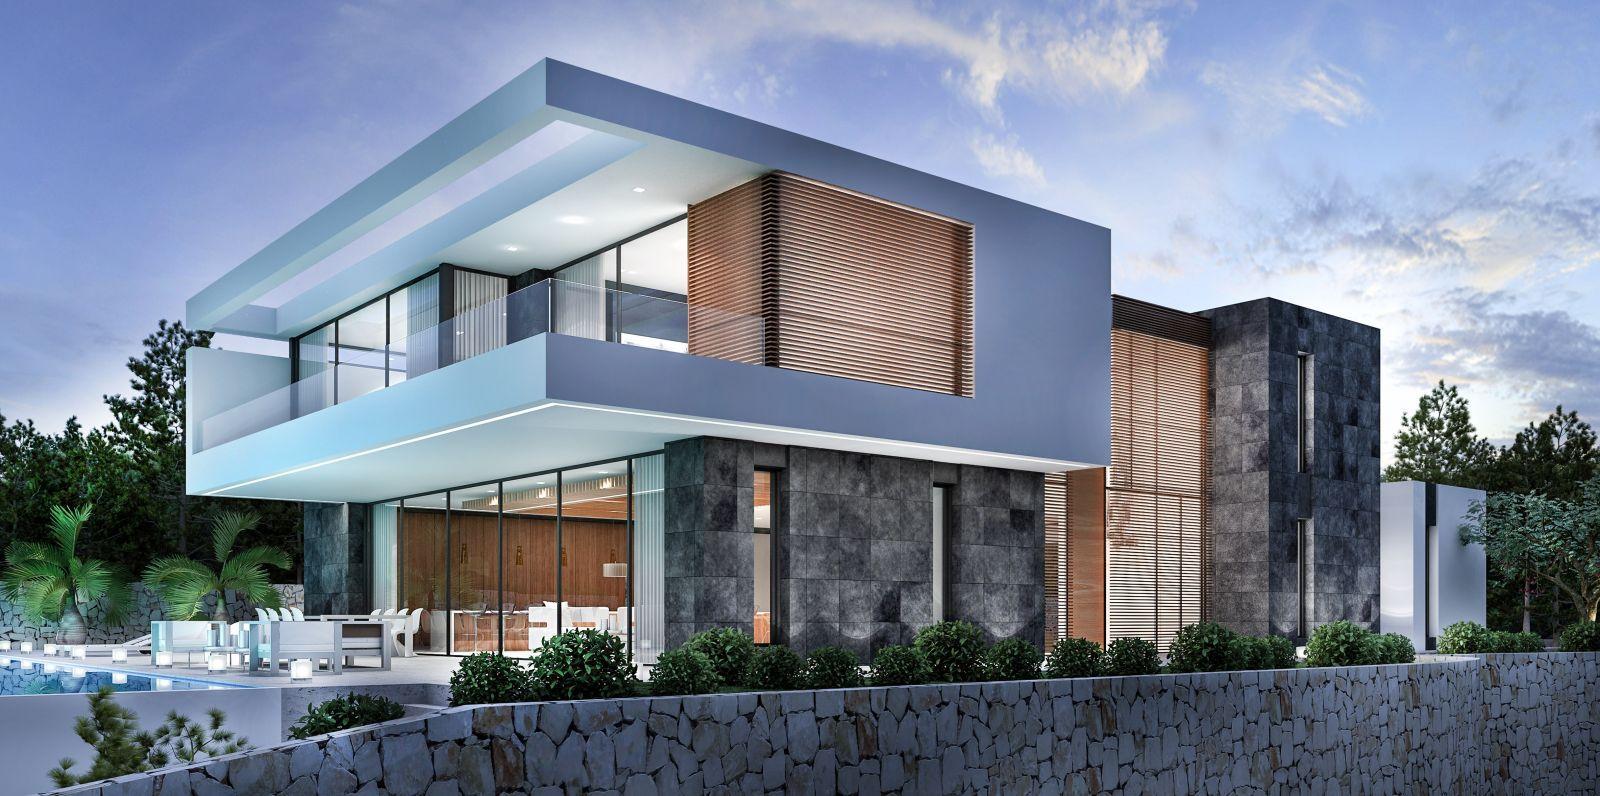 Architettura Case Moderne Idee be spoiled properties et investissement, be spoiled en 2020